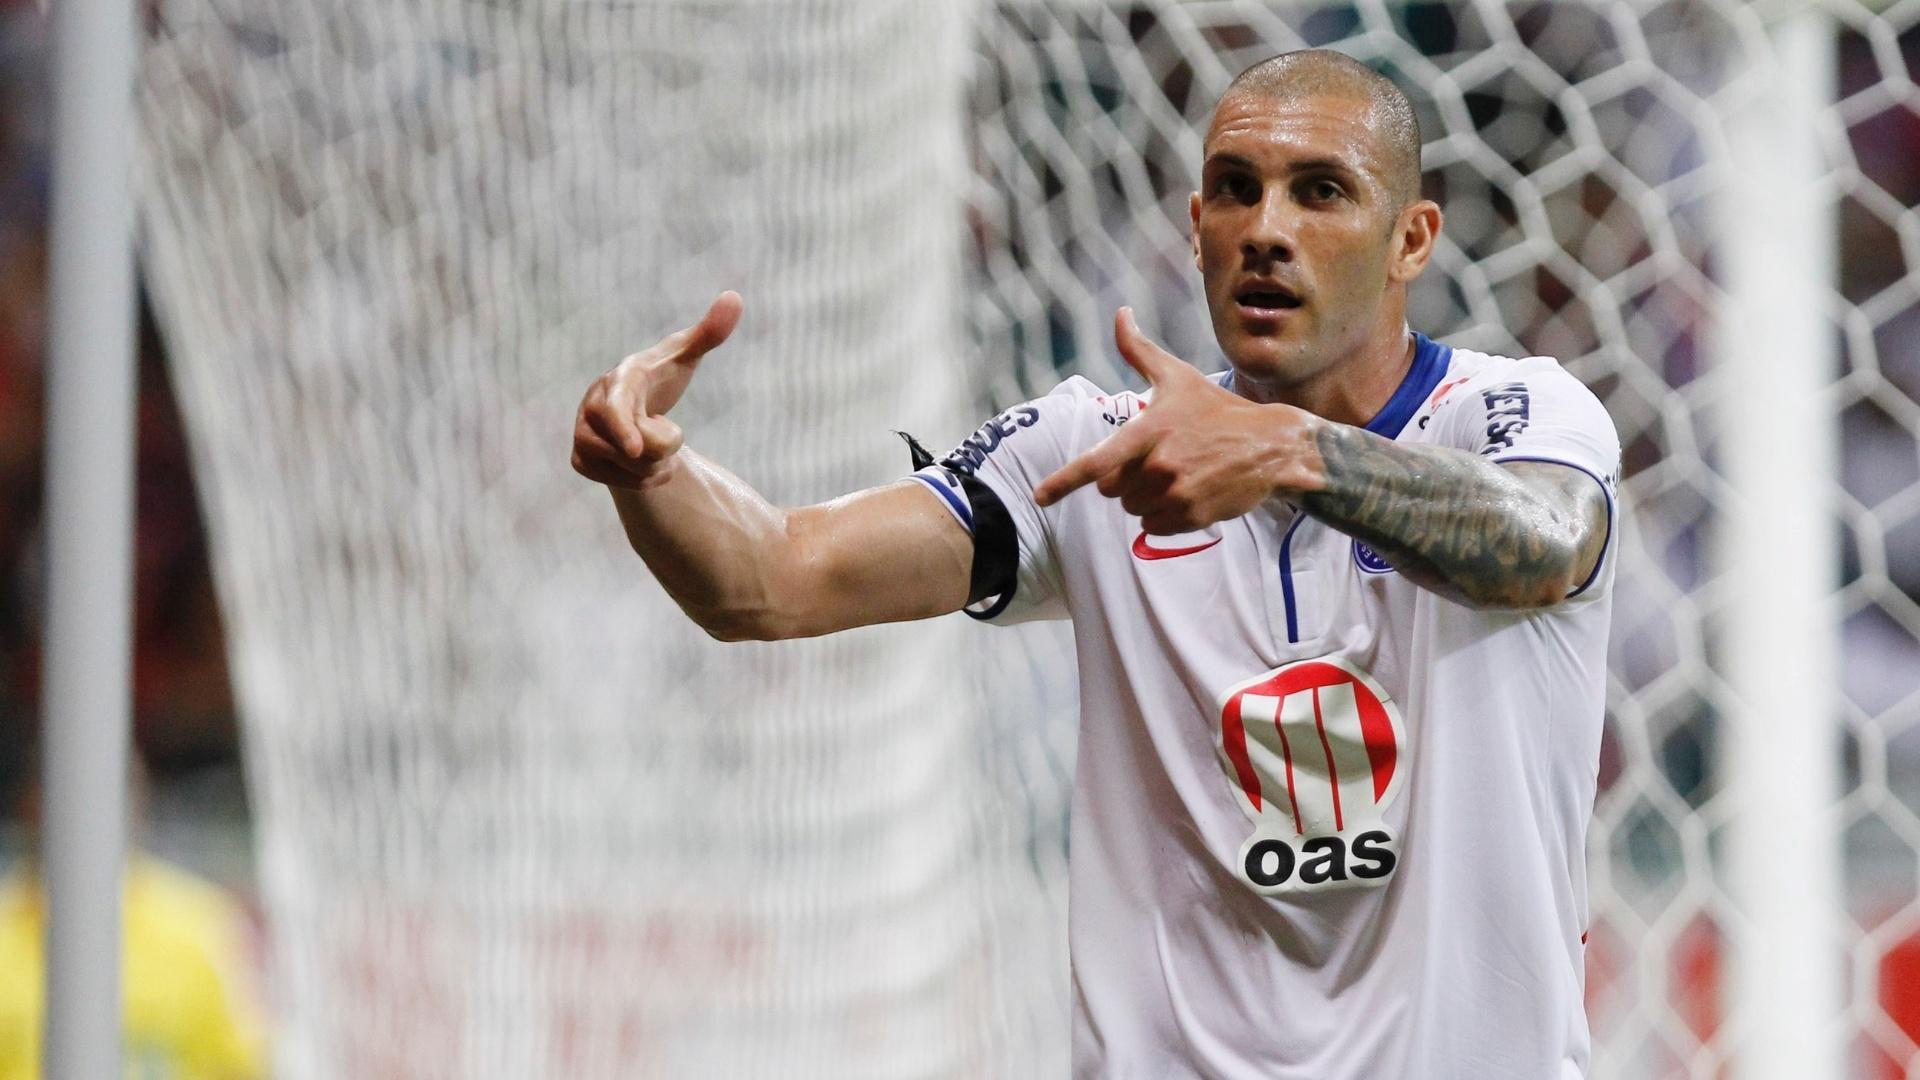 Atacante Fernandão pede a bola para comemorar seu gol na partida entre Bahia e Portuguesa (24.nov.2013)